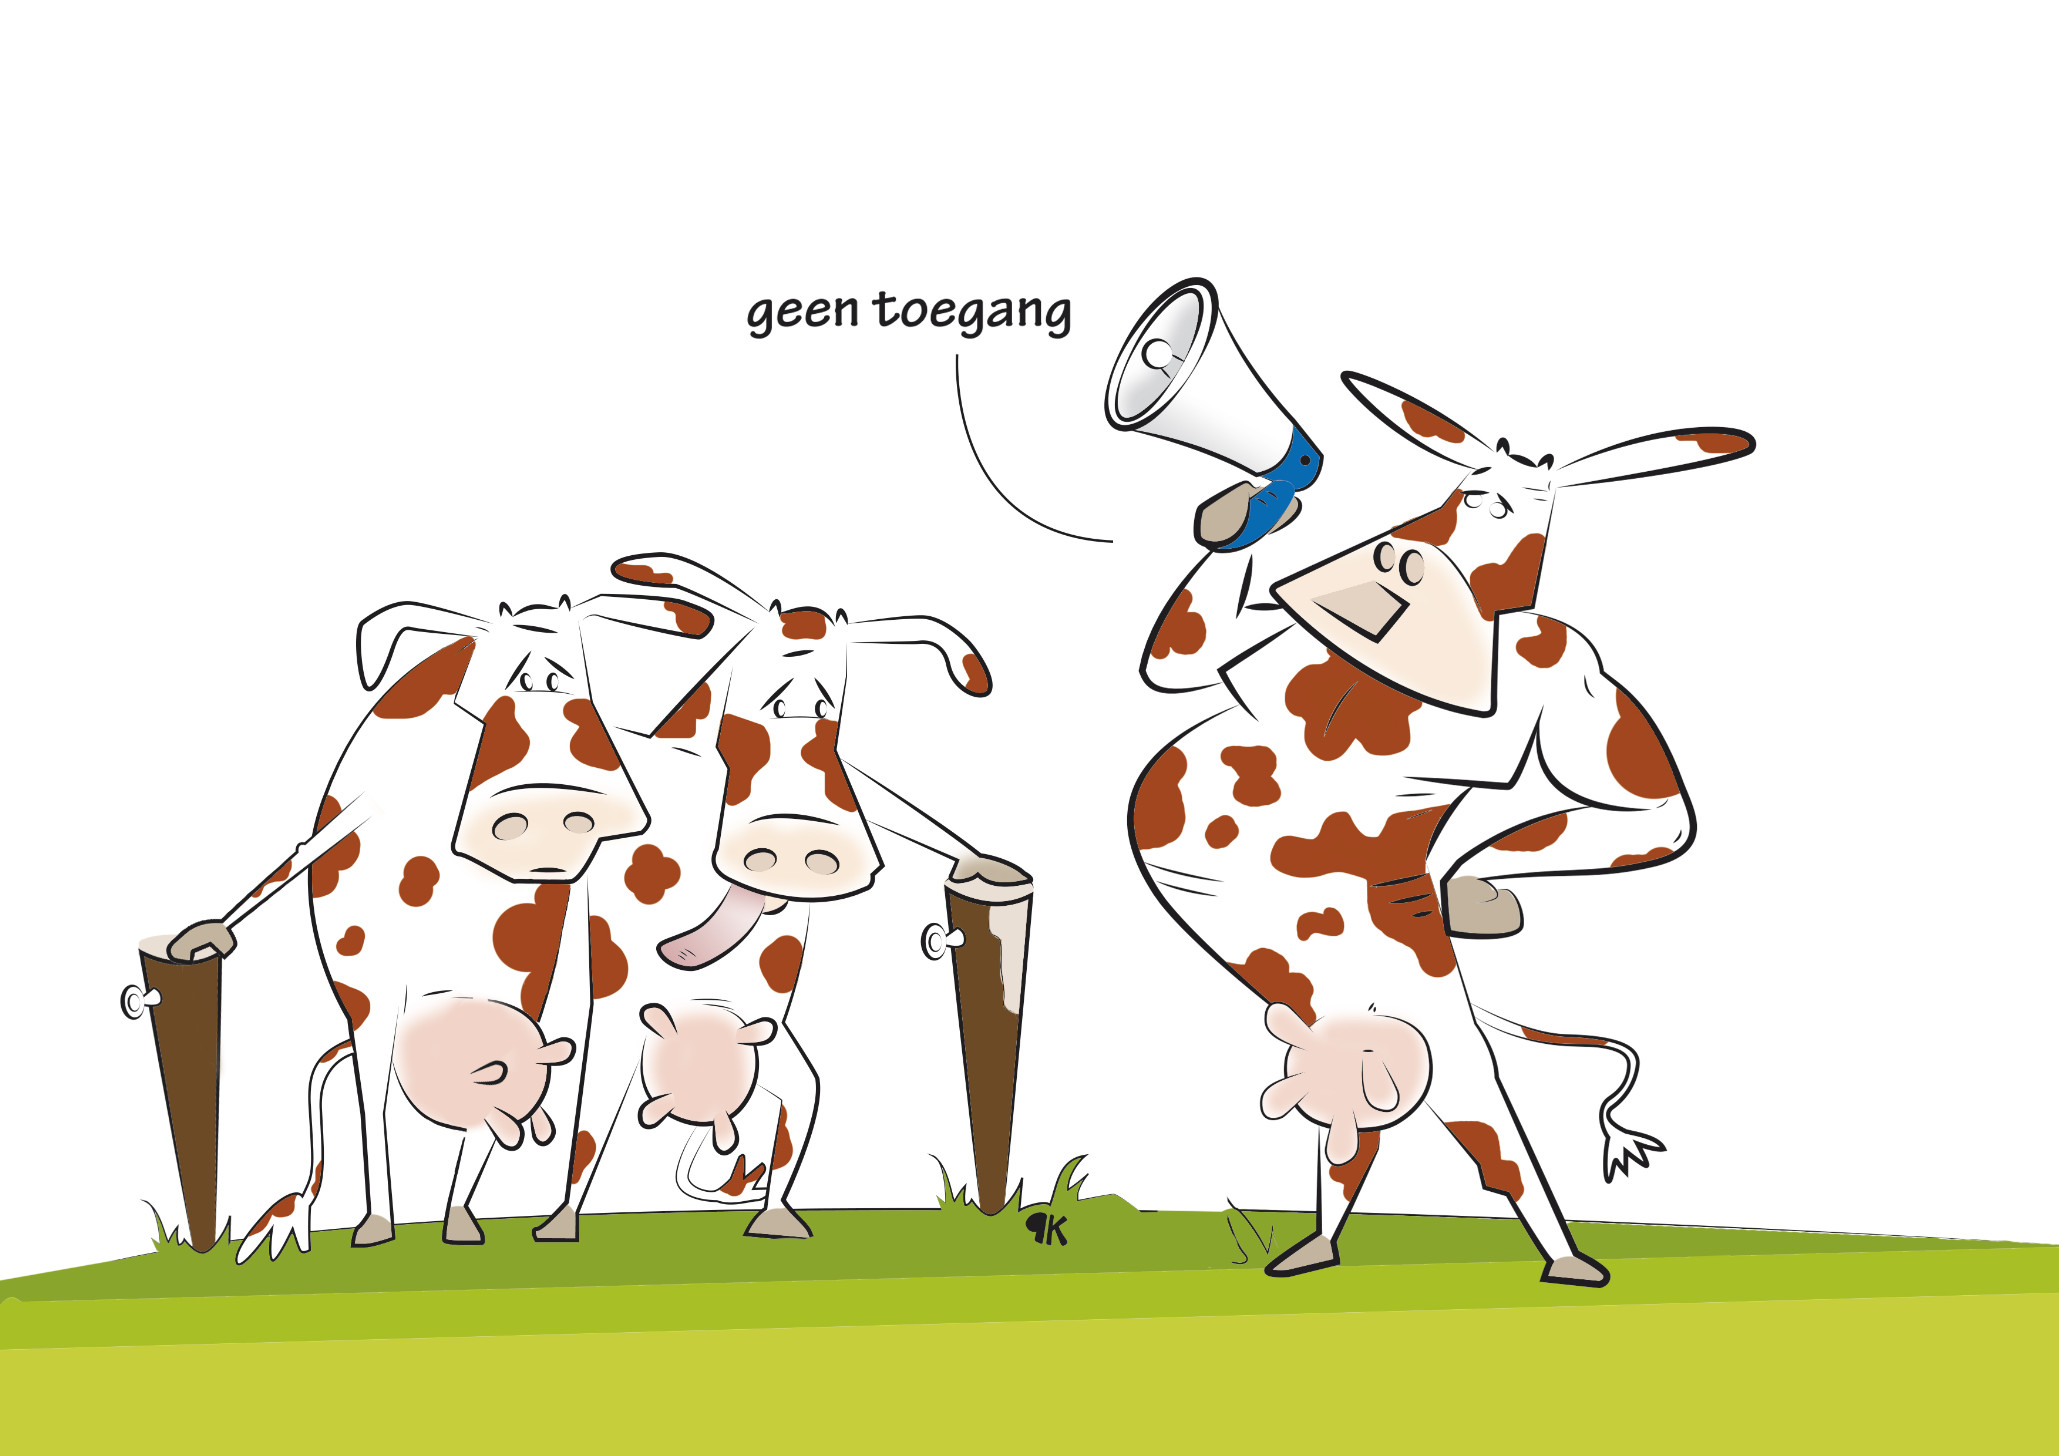 Gedrag koeien stelt melkveehouders voor een raadsel